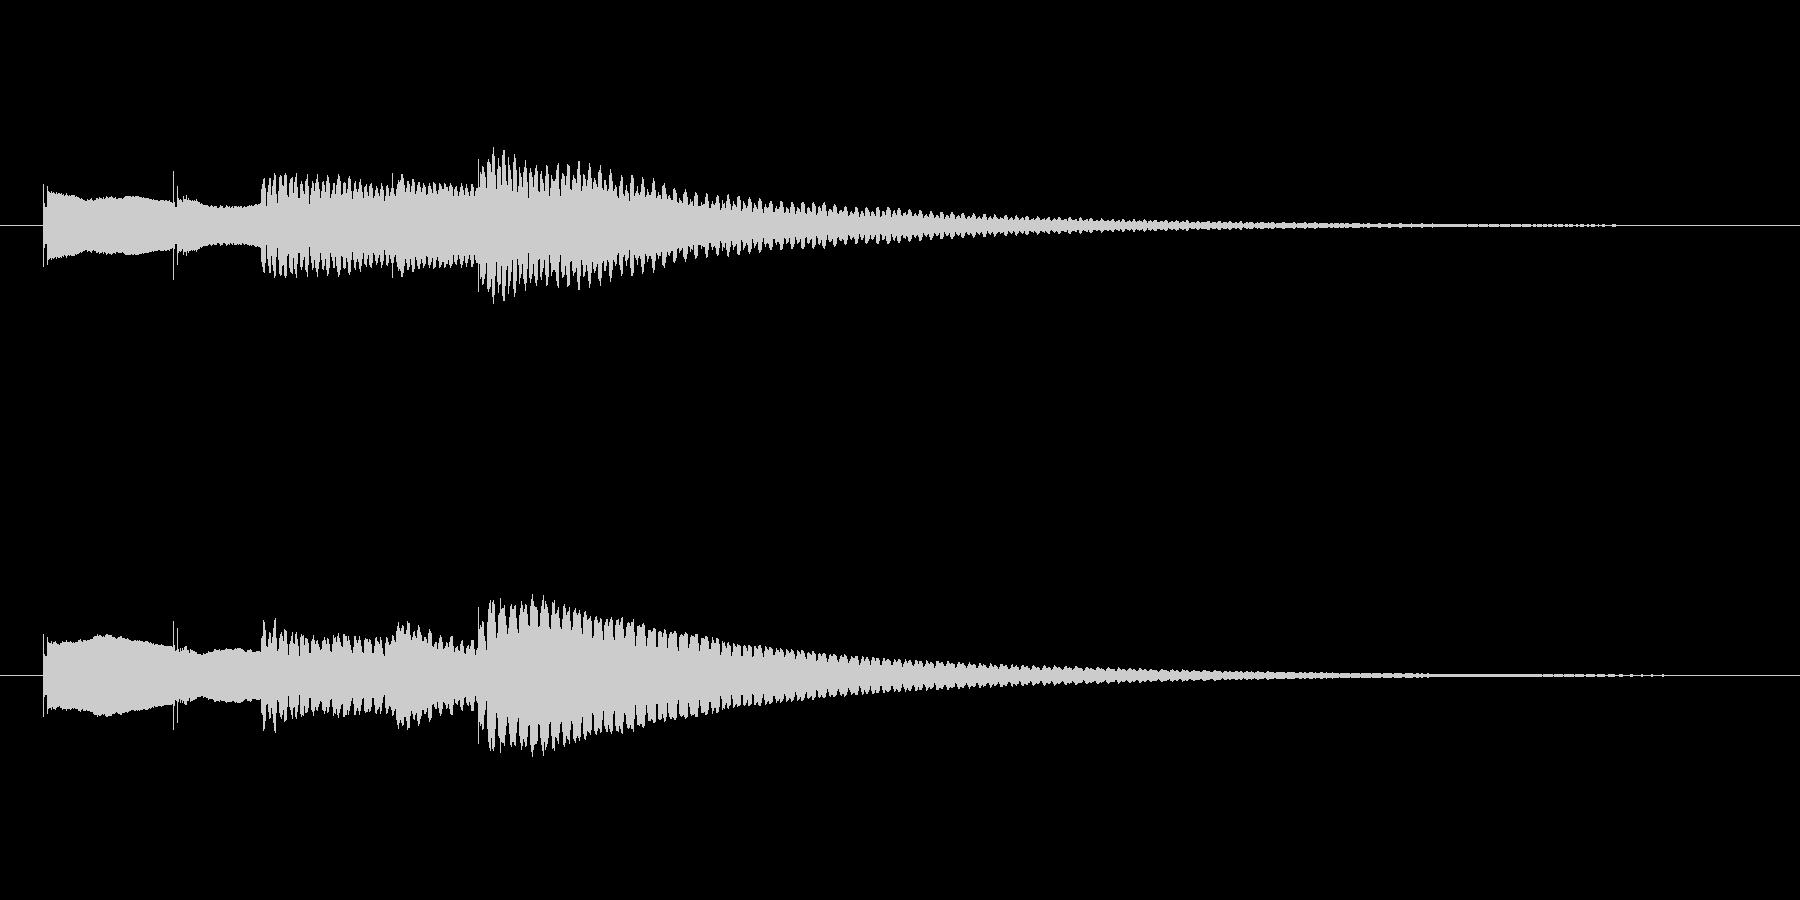 テーテ トート テンの未再生の波形